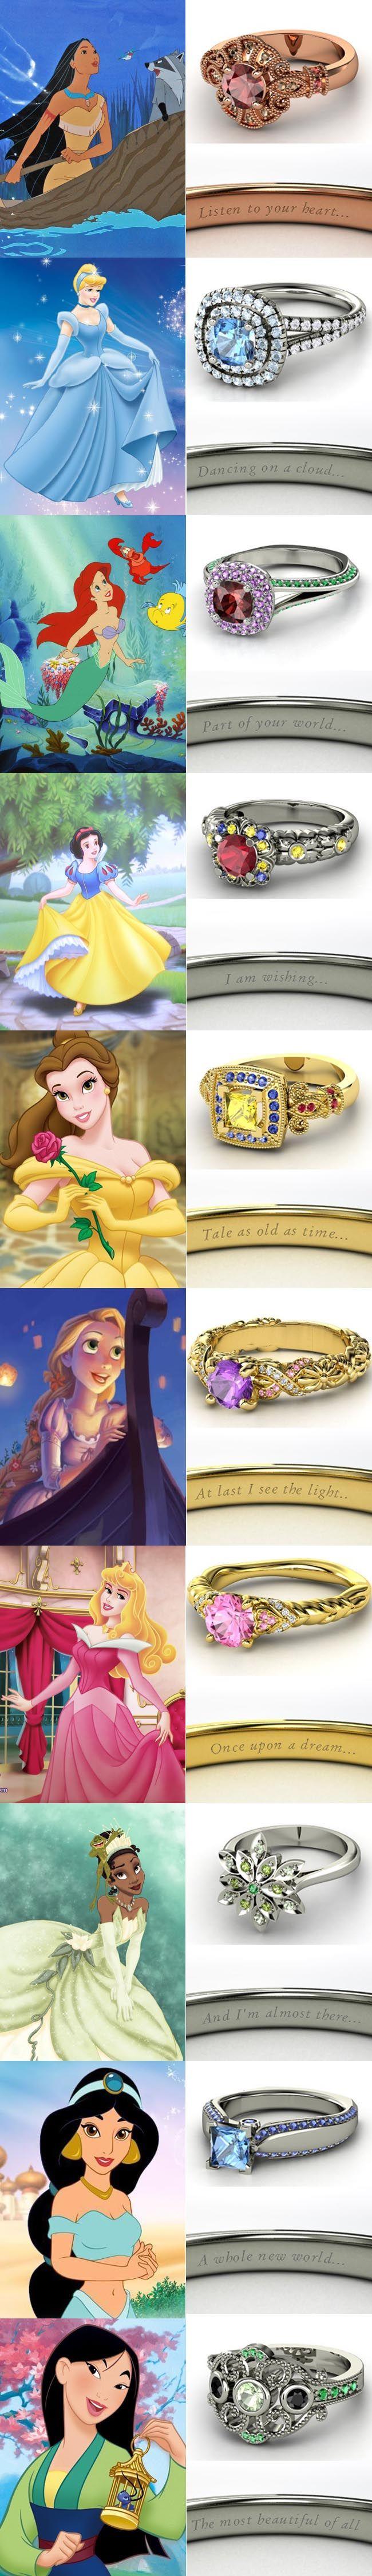 disney princess wedding rings by gemvara these would